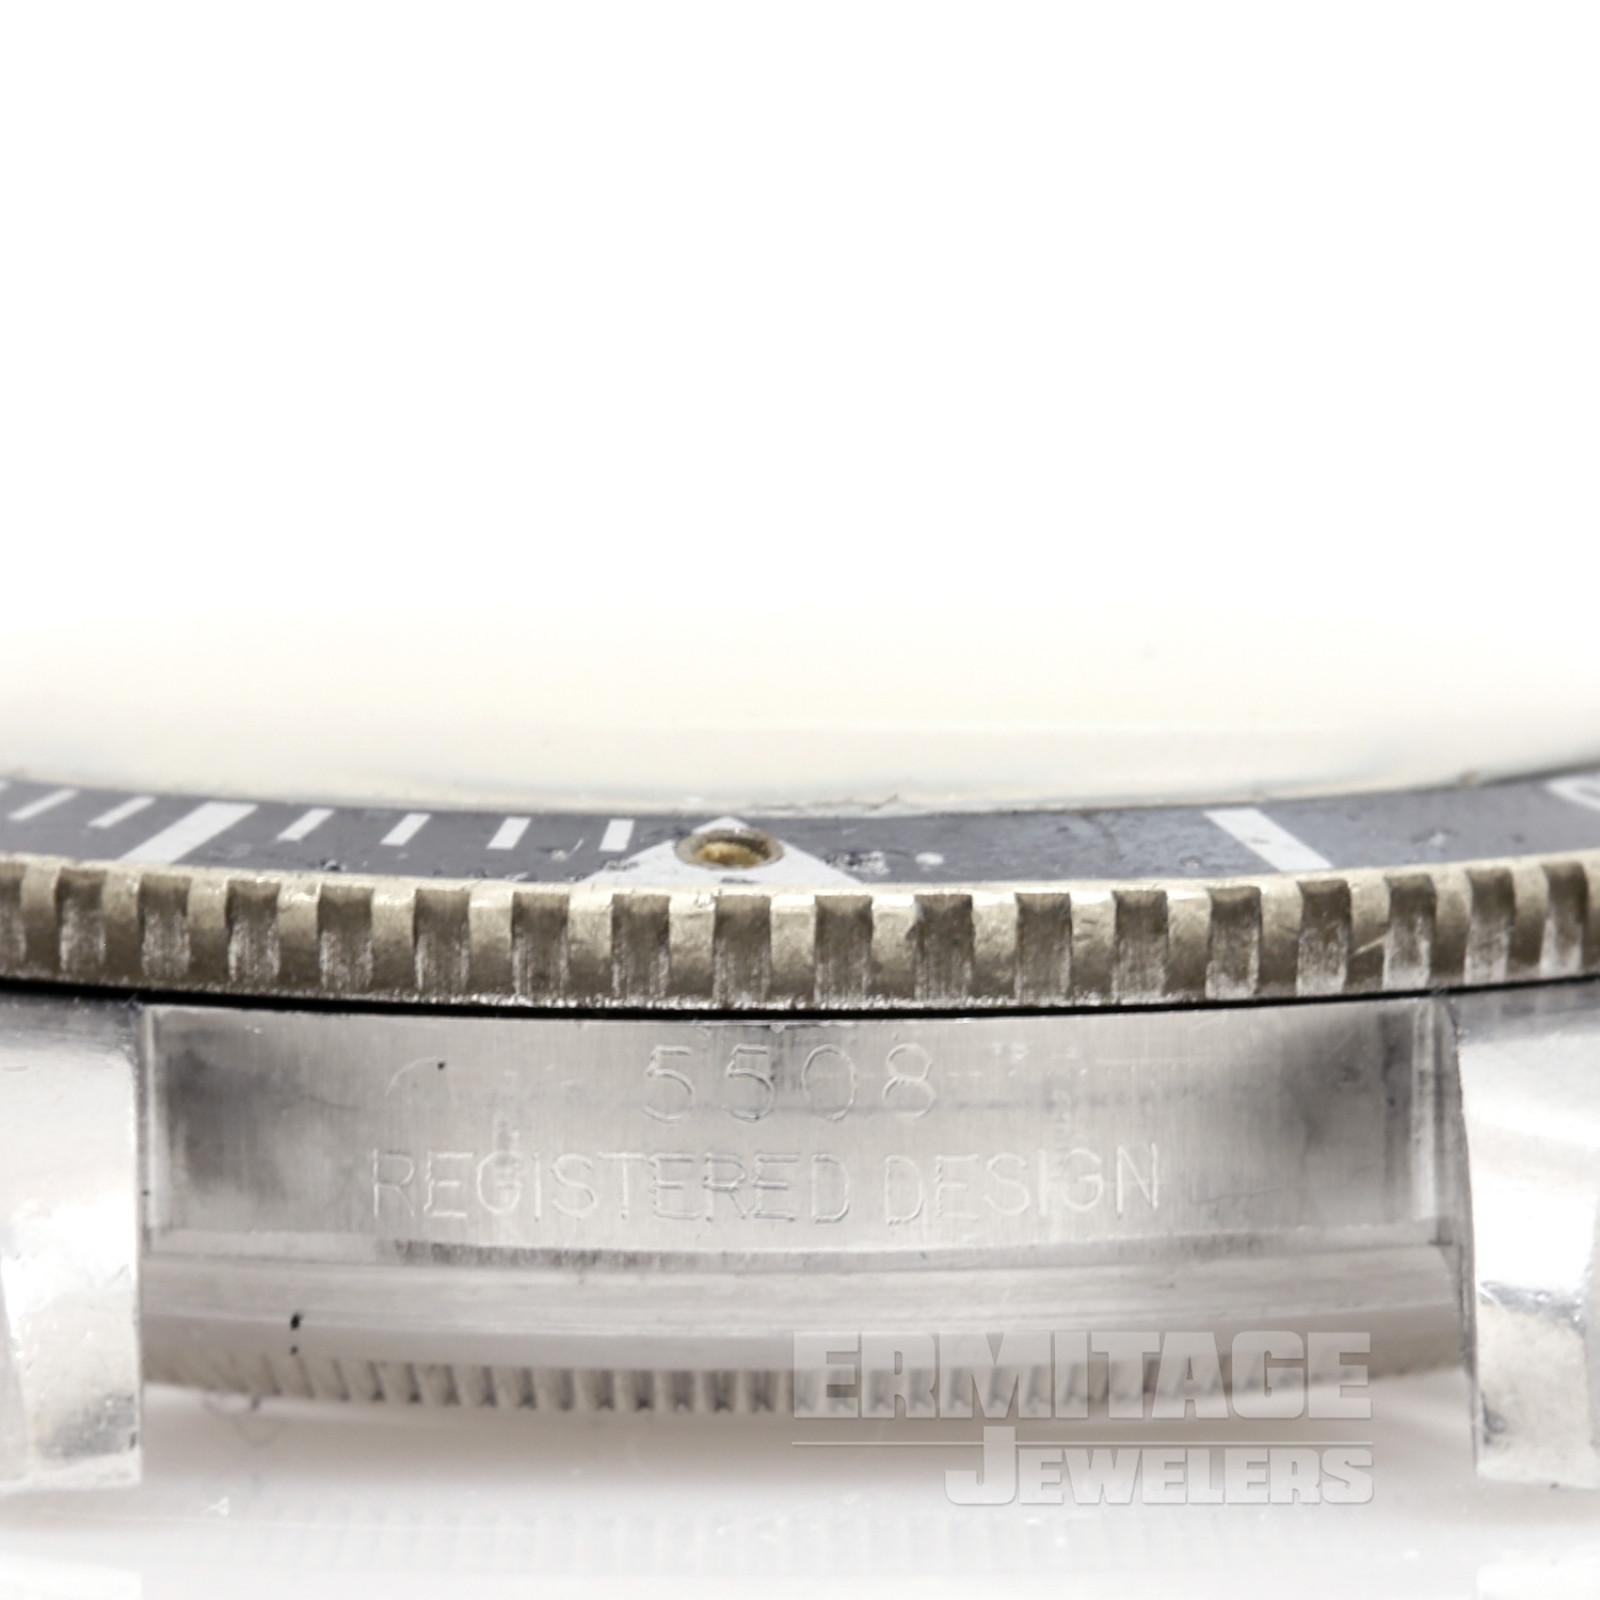 Vintage Rolex Submariner 5508